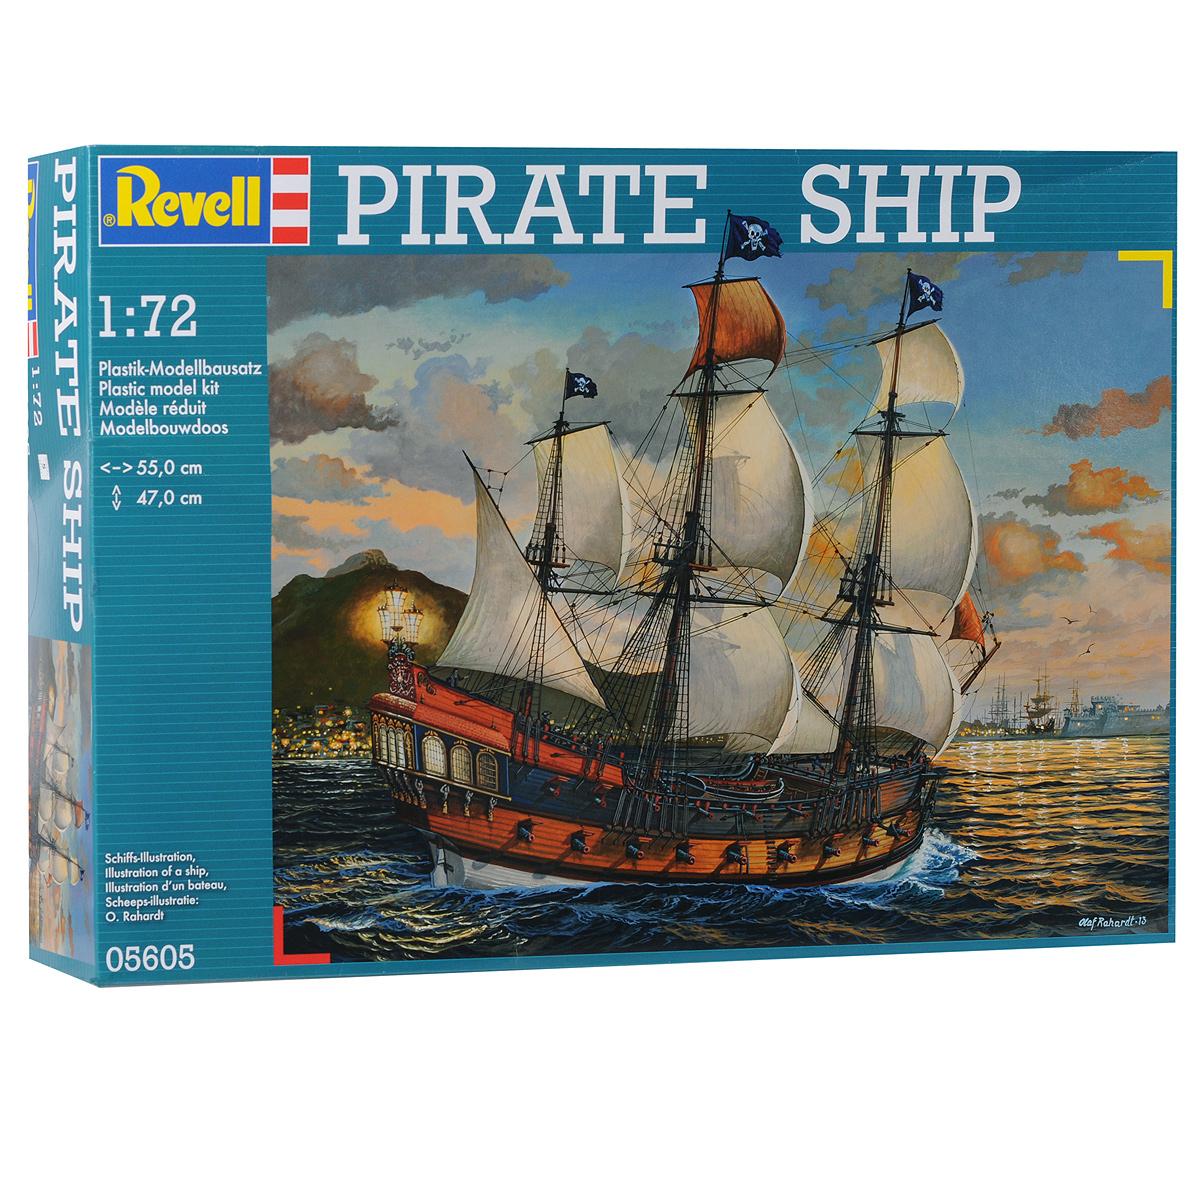 Сборная модель Revell Пиратский корабль, 896 элементов05605Сборная модель Revell Пиратский корабль поможет вам и вашему ребенку придумать увлекательное занятие на долгое время. Набор включает в себя 896 пластиковых элементов, из которых можно собрать достоверную уменьшенную копию пиратского корабля. Пиратство в своей первоначальной форме морских набегов появилось одновременно с мореплаванием и морской торговлей; такими набегами занимались все прибрежные племена, овладевшие основами мореплавания. С появлением цивилизации грань между пиратами и торговцами долгое время оставалась условной: мореплаватели торговали там, где не чувствовали себя достаточно сильными, чтобы грабить и захватывать в плен. Начиная еще с античных пиратов предпочтение отдавалось кораблям легким и быстроходным. На небольшом парусном судне можно было легко уйти от преследования. Не часто пираты сооружали корабли на островах сами. В набор входит схематичная инструкция по сборке. Процесс сборки развивает интеллектуальные и инструментальные...